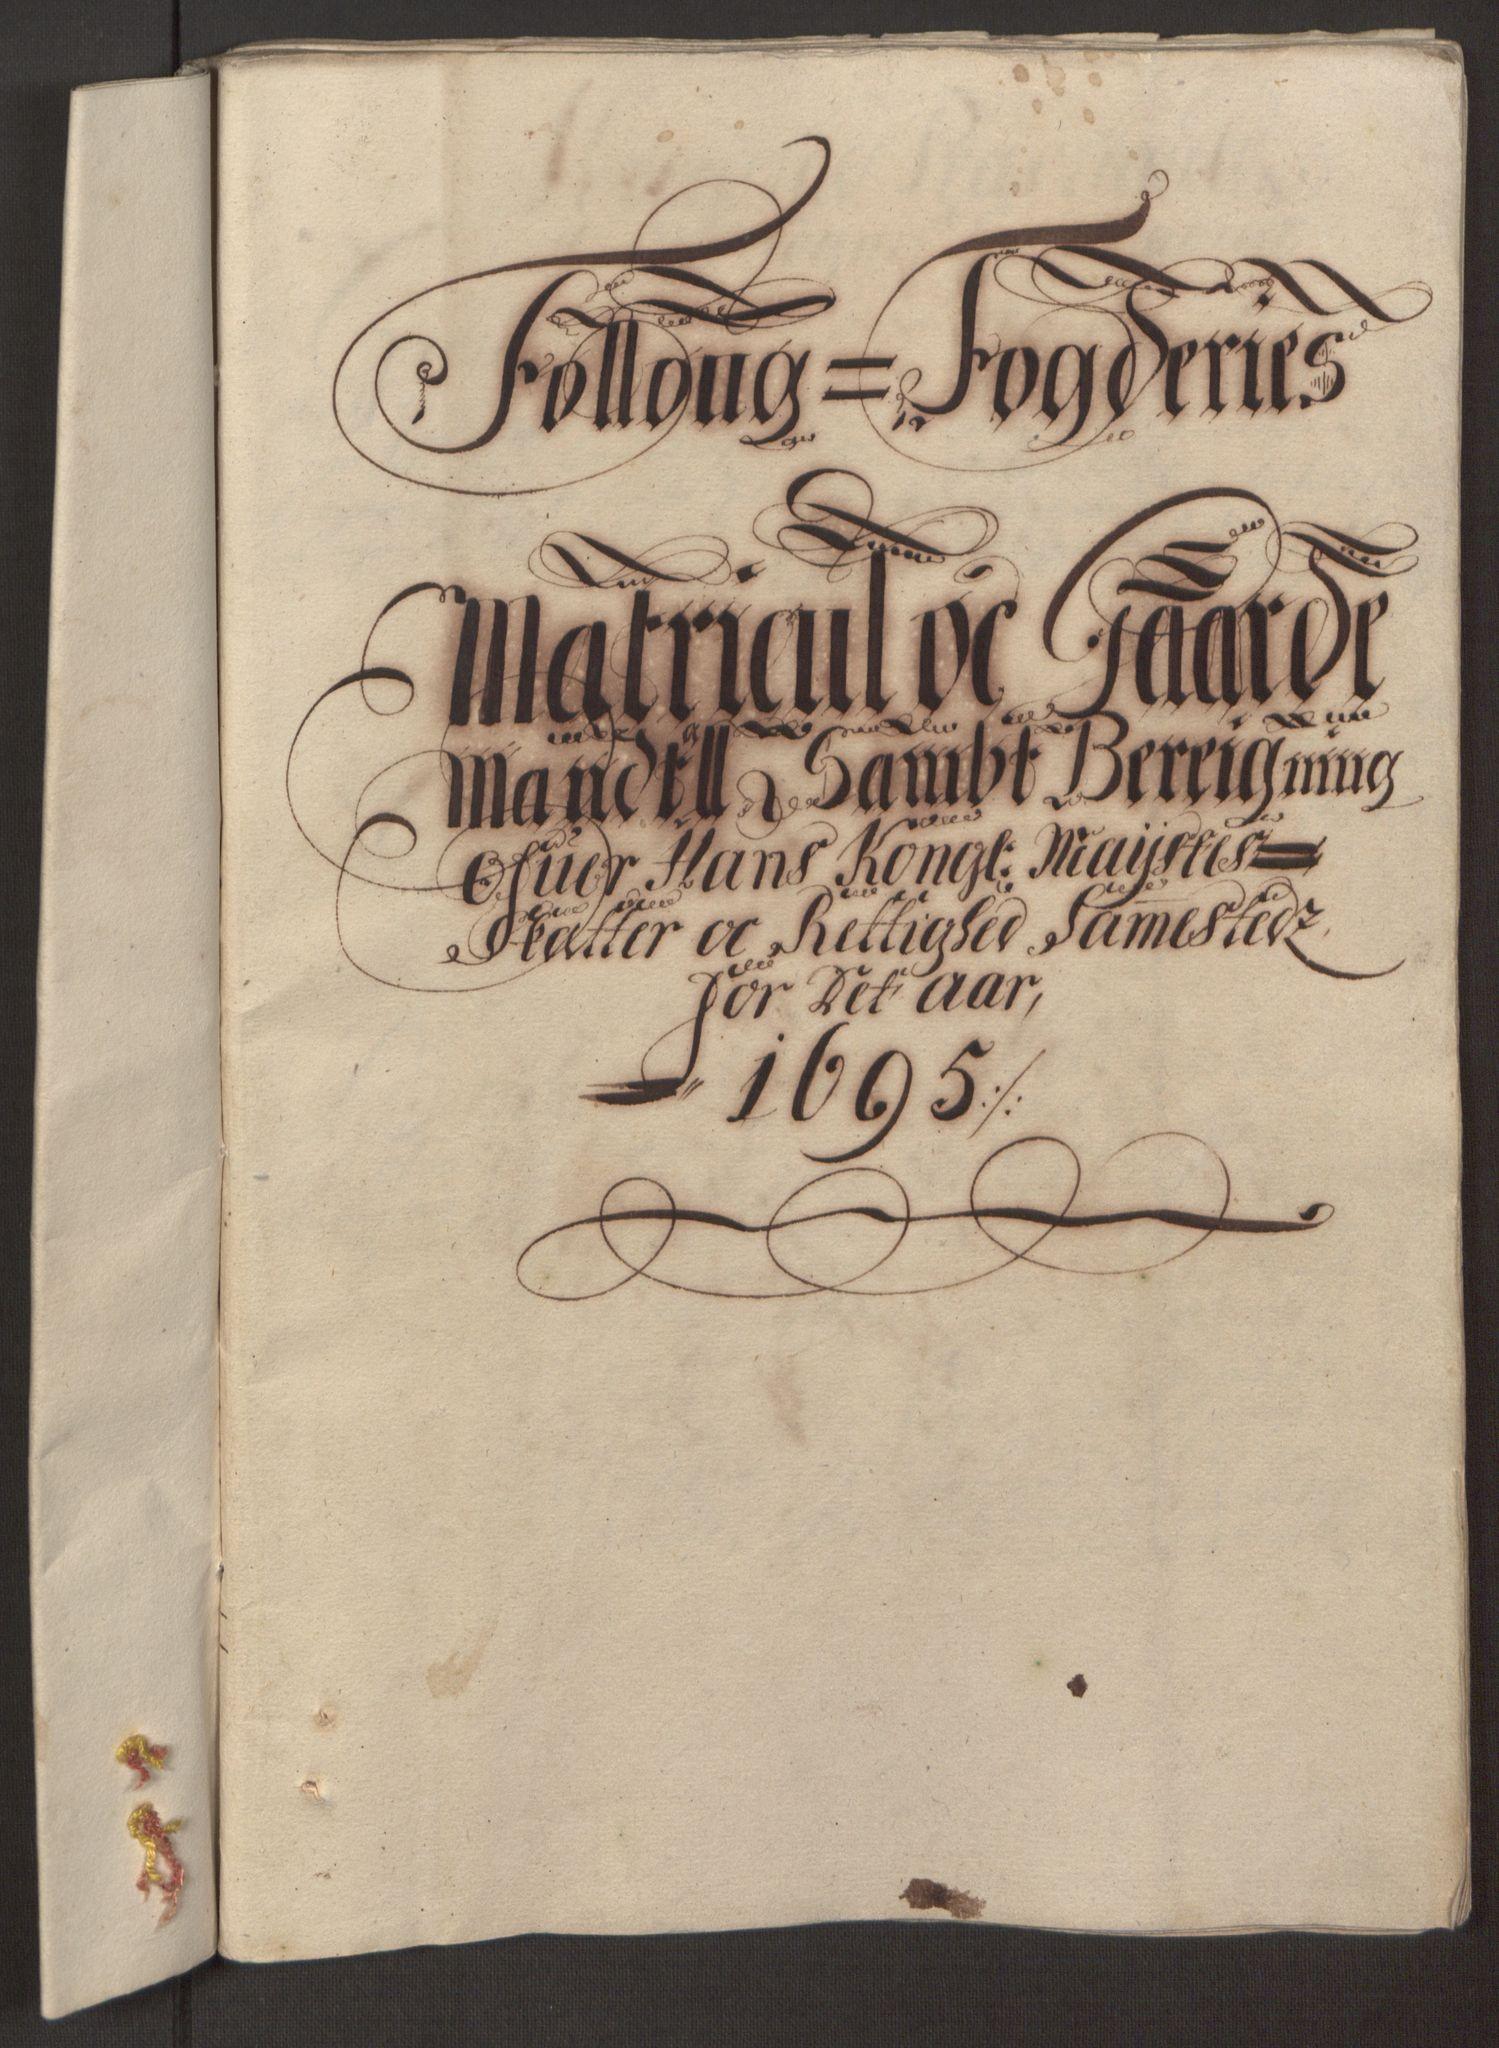 RA, Rentekammeret inntil 1814, Reviderte regnskaper, Fogderegnskap, R10/L0439: Fogderegnskap Aker og Follo, 1695, s. 92